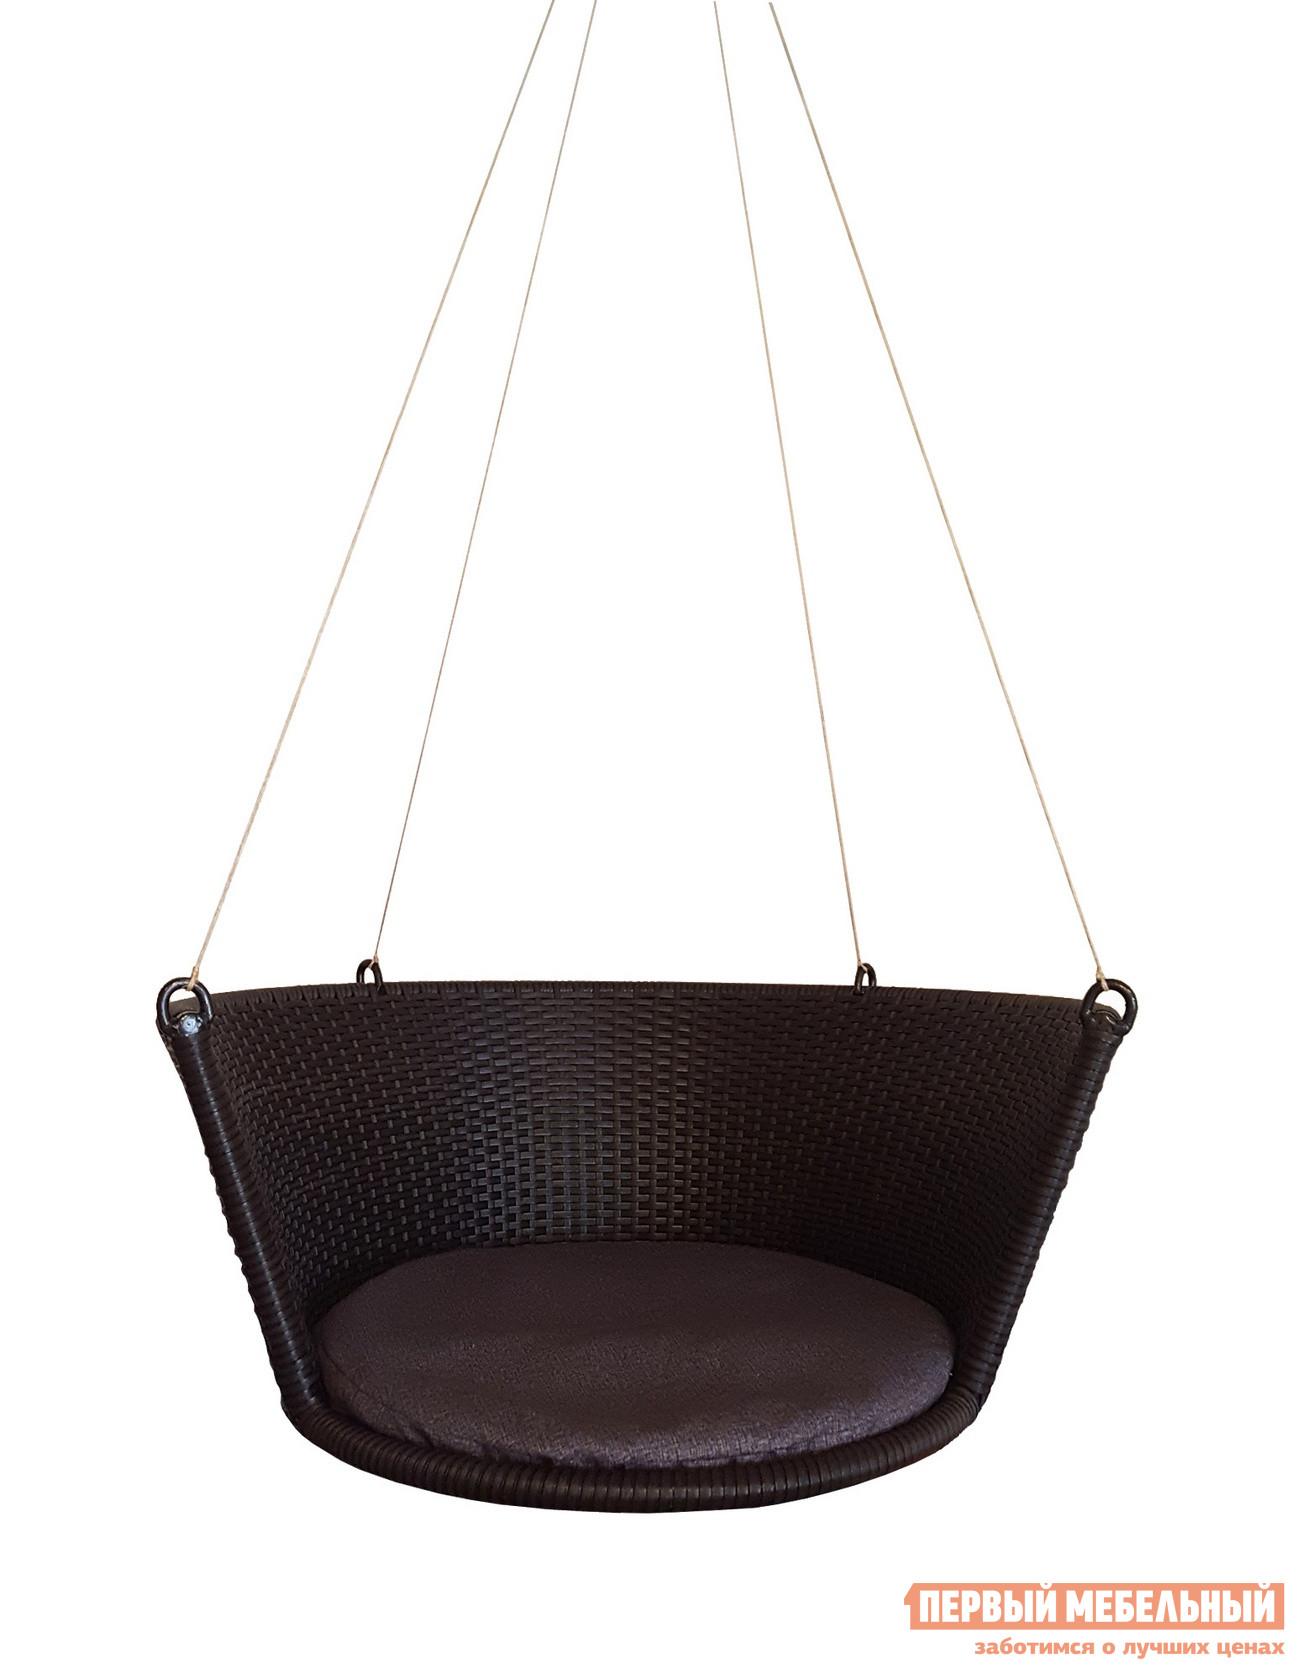 Интерьерное подвесное кресло Облачный замок Подвесное кресло Тиффани mursu туфли mursu для девочки